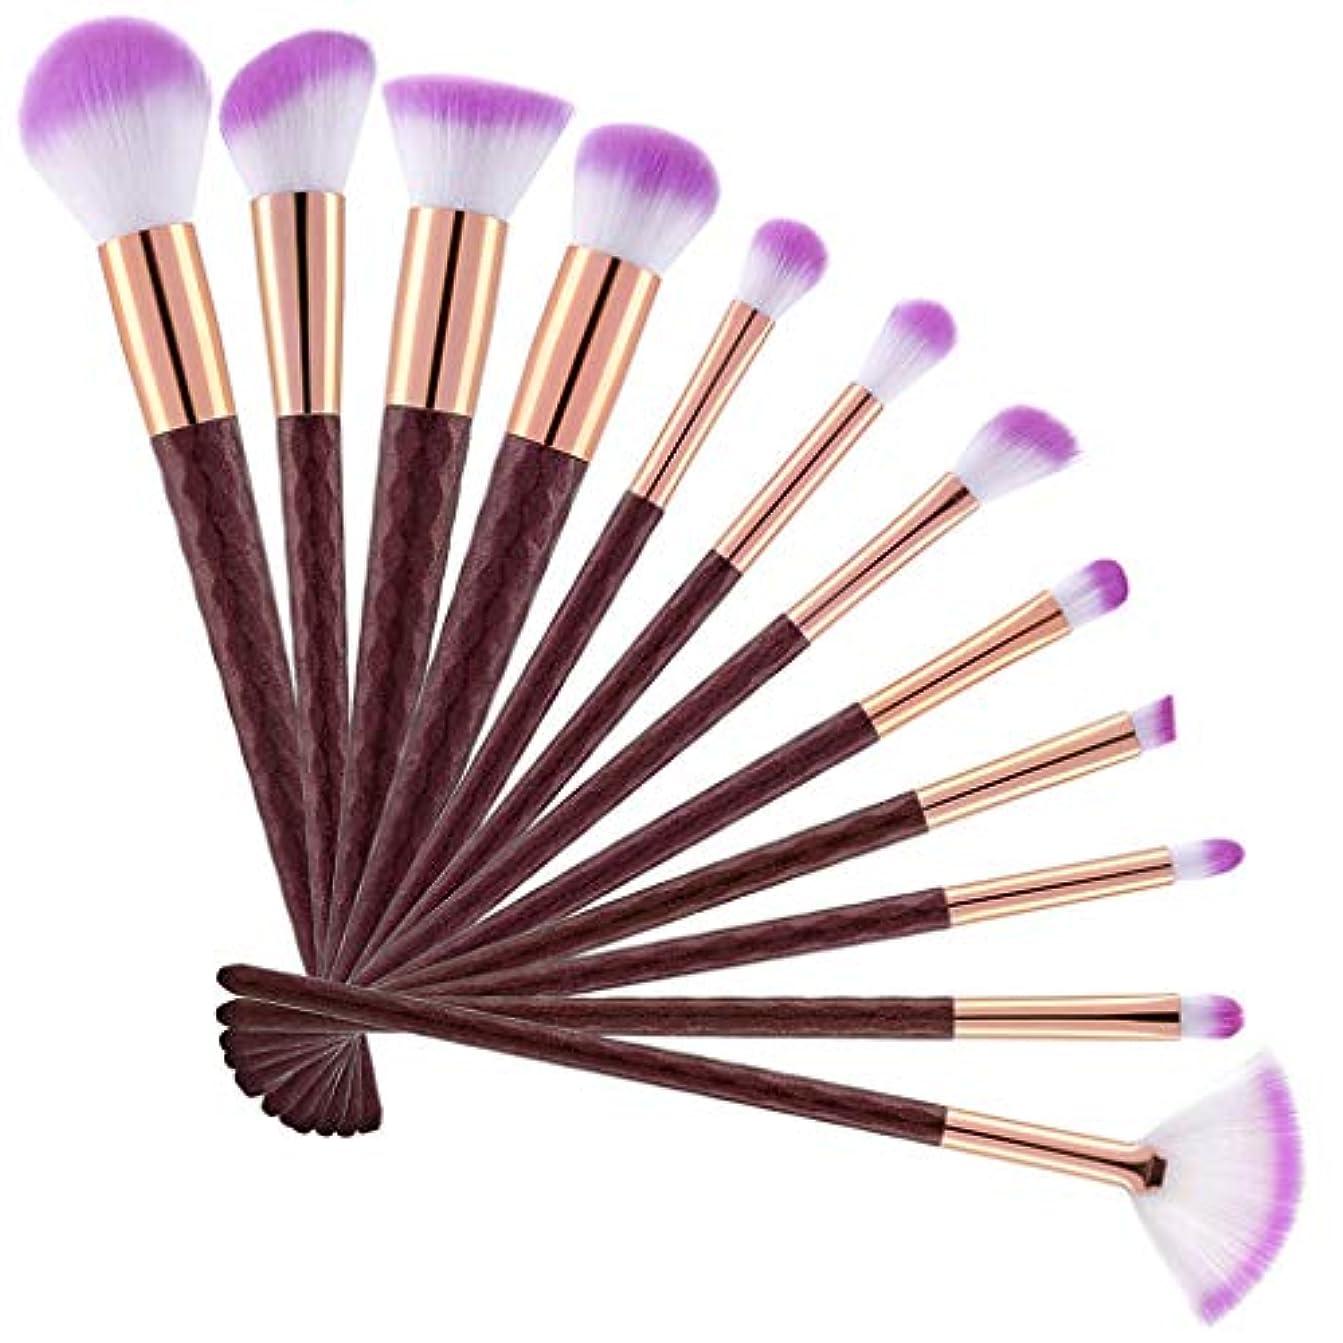 キャップ連想余計な12化粧ブラシマーメイド化粧ブラシ蛍光ハンドル化粧ブラシダイヤモンドブラシ美容化粧道具,Pink